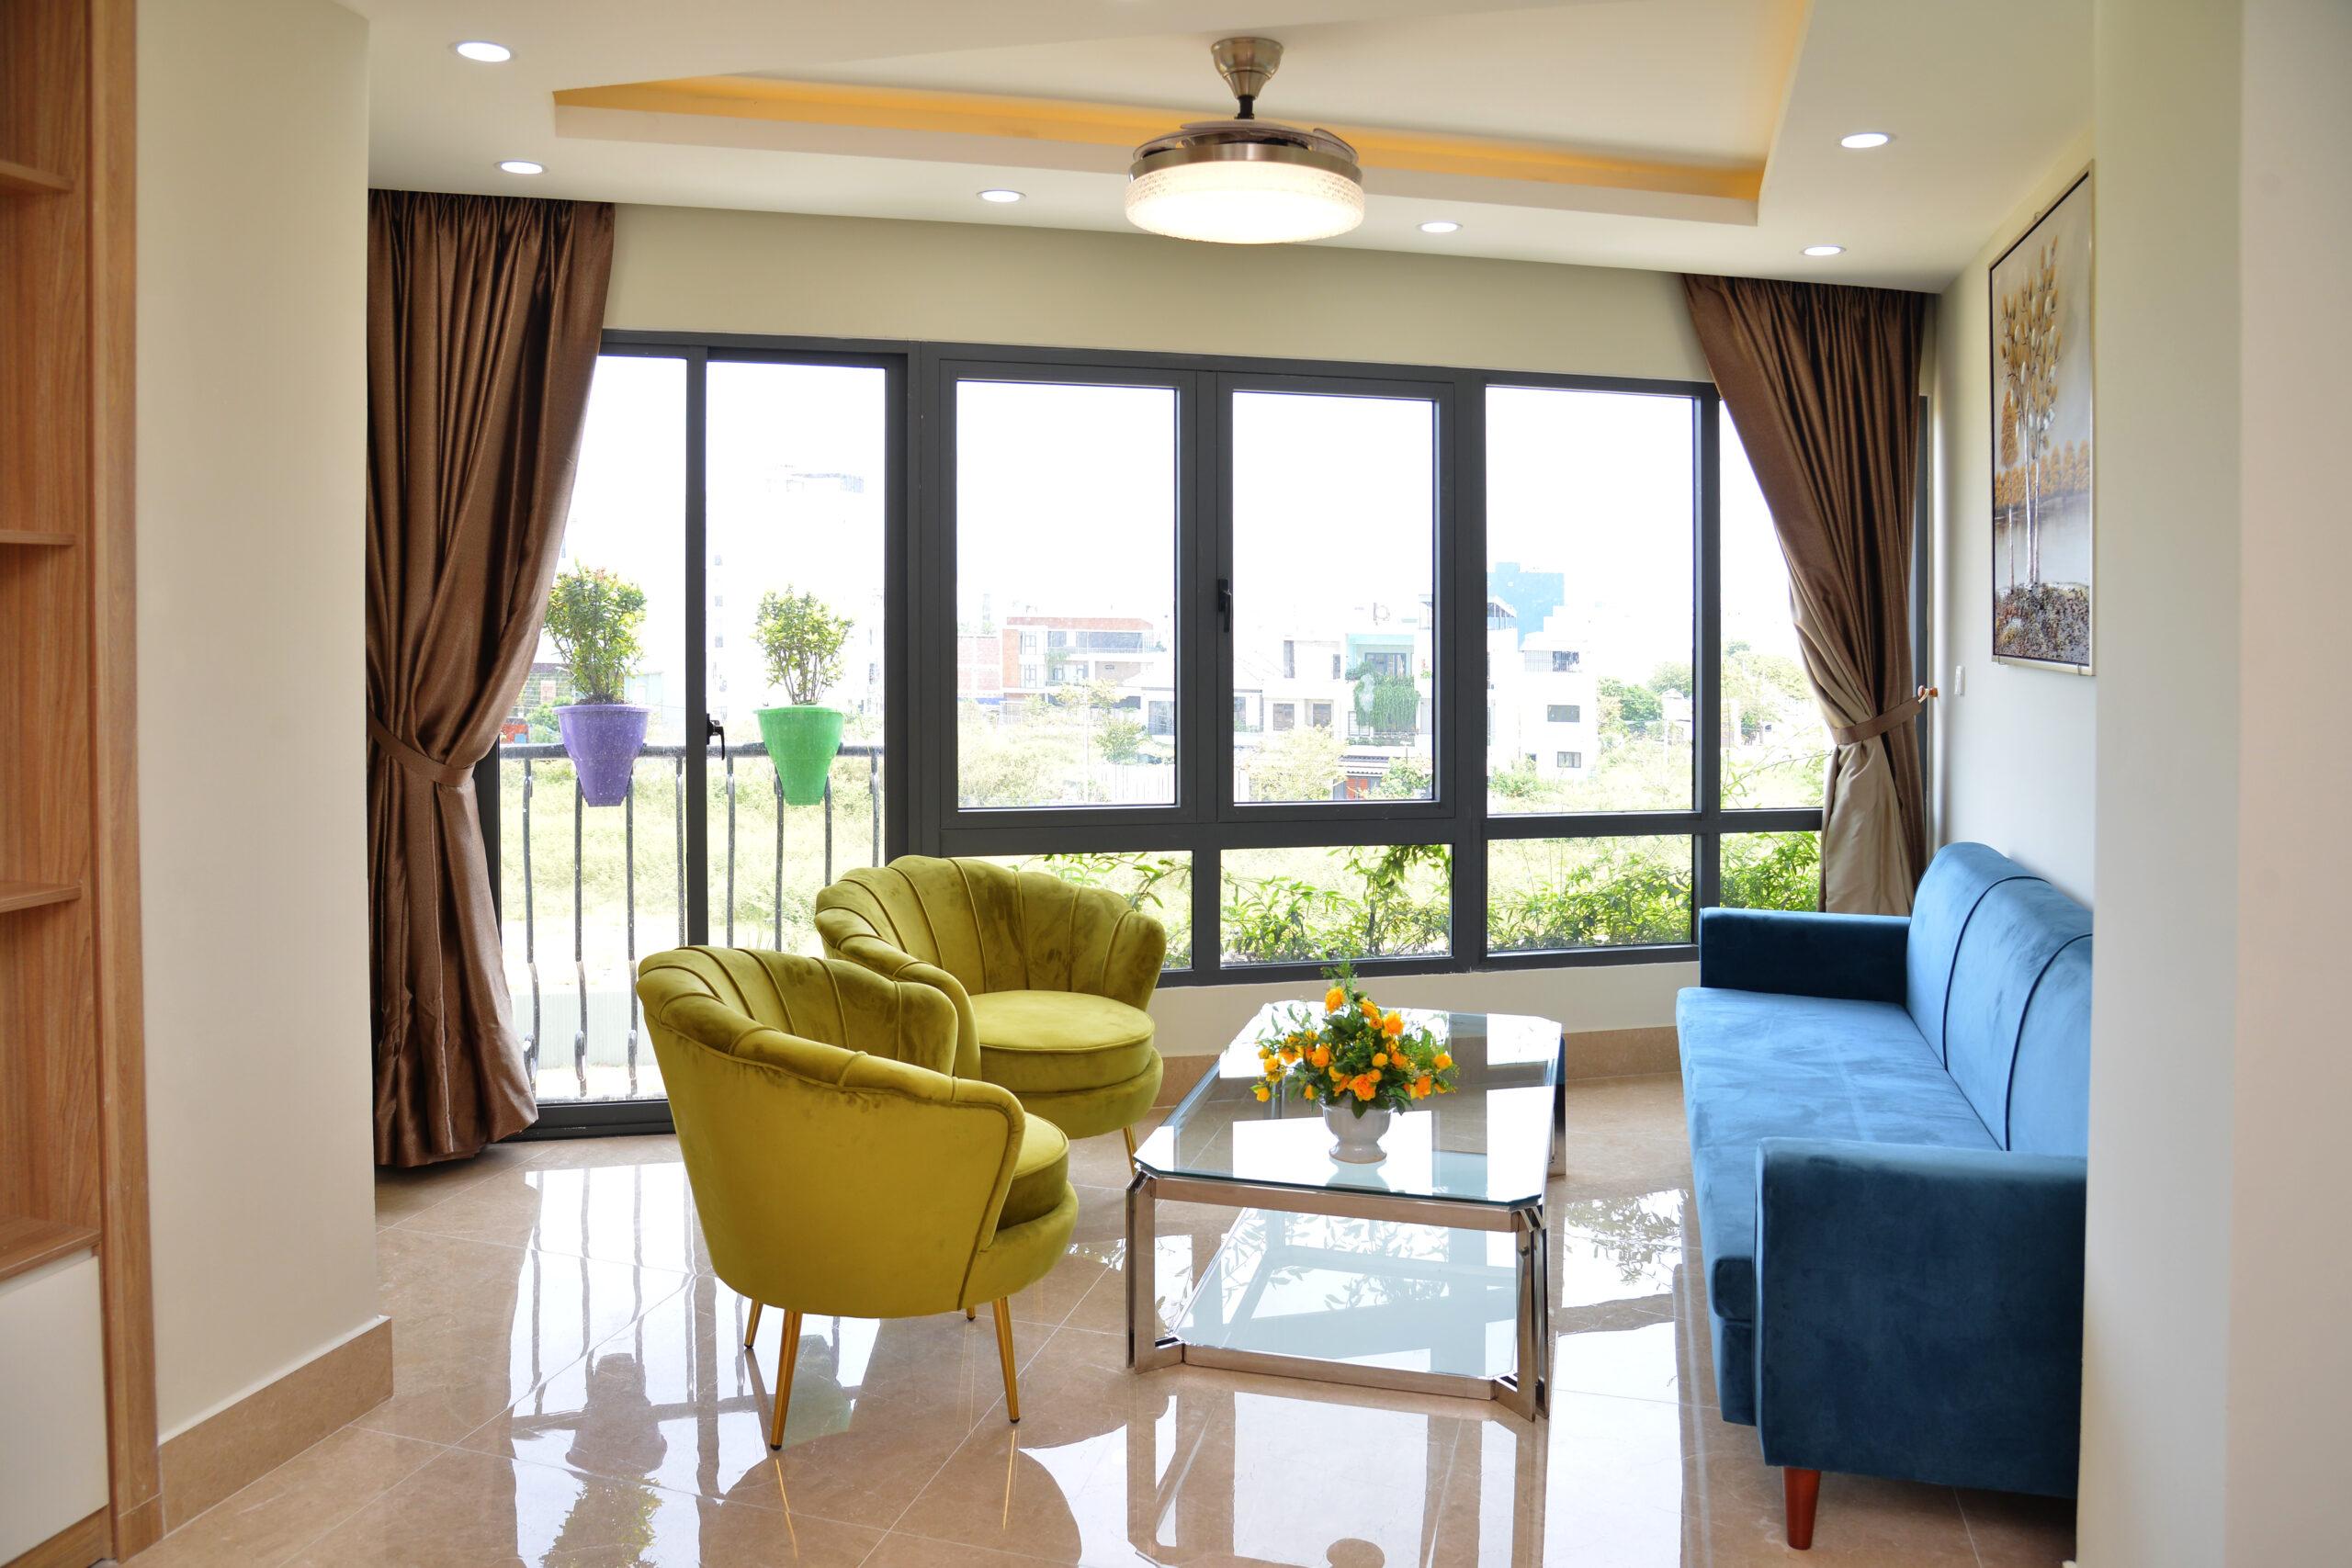 Chung cư Sài Gòn MIA-Căn hộ S14 tầng 15